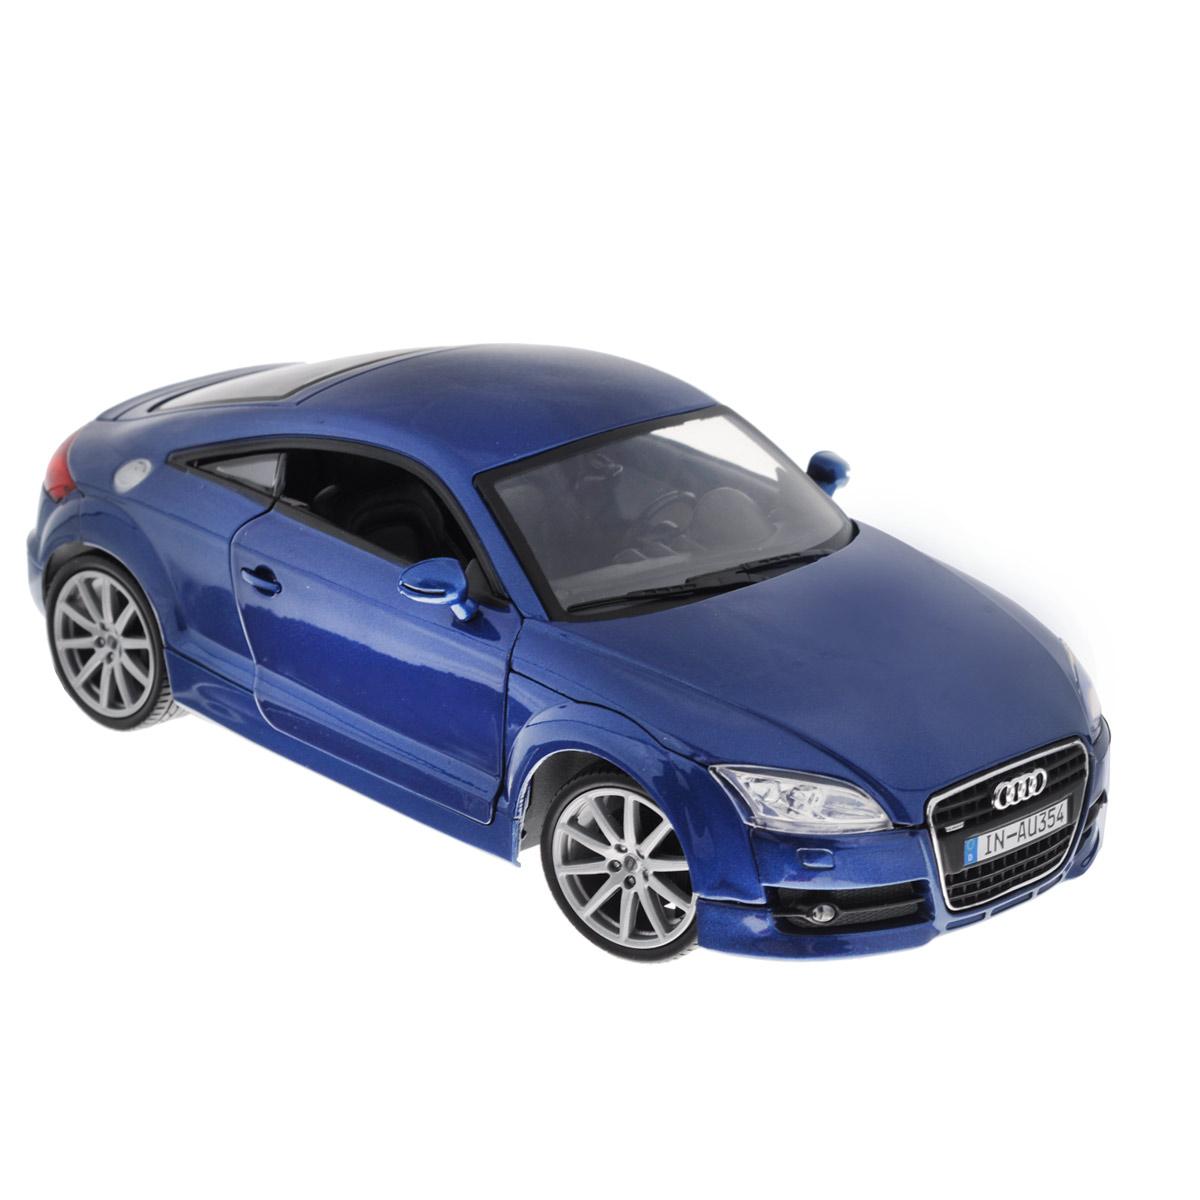 MotorMax Модель автомобиля Audi TT Coupe цвет синий73177Коллекционная модель MotorMax Audi TT Coupe - миниатюрная копия настоящего автомобиля. Стильная модель автомобиля привлечет к себе внимание не только детей, но и взрослых. Это немецкое купе, без сомнения, известно всем автолюбителям. Впервые Audi TT Coupe предстала перед широкой публикой в 1994 году на франкфуртском автосалоне в качестве концепта, а в 1998 году стартовал массовый выпуск авто. Эта Audi остается актуальной и по сей день. Масштабная модель от MotorMax в точности воспроизводит немецкое авто, включая мельчайшие детали интерьера и экстерьера. Вы можете рассмотреть все, включая двигатель в моторном отсеке и приборную панель автомобиля. У автомобиля открываются двери, багажник, капот, крутятся колеса. Повышенную прочность модели обеспечивает металлический корпус, выполненный по технологии die cast. Кроме того, в оформлении использованы пластиковые элементы, а колеса обуты в резиновые шины. Такая модель станет отличным подарком не только любителю...